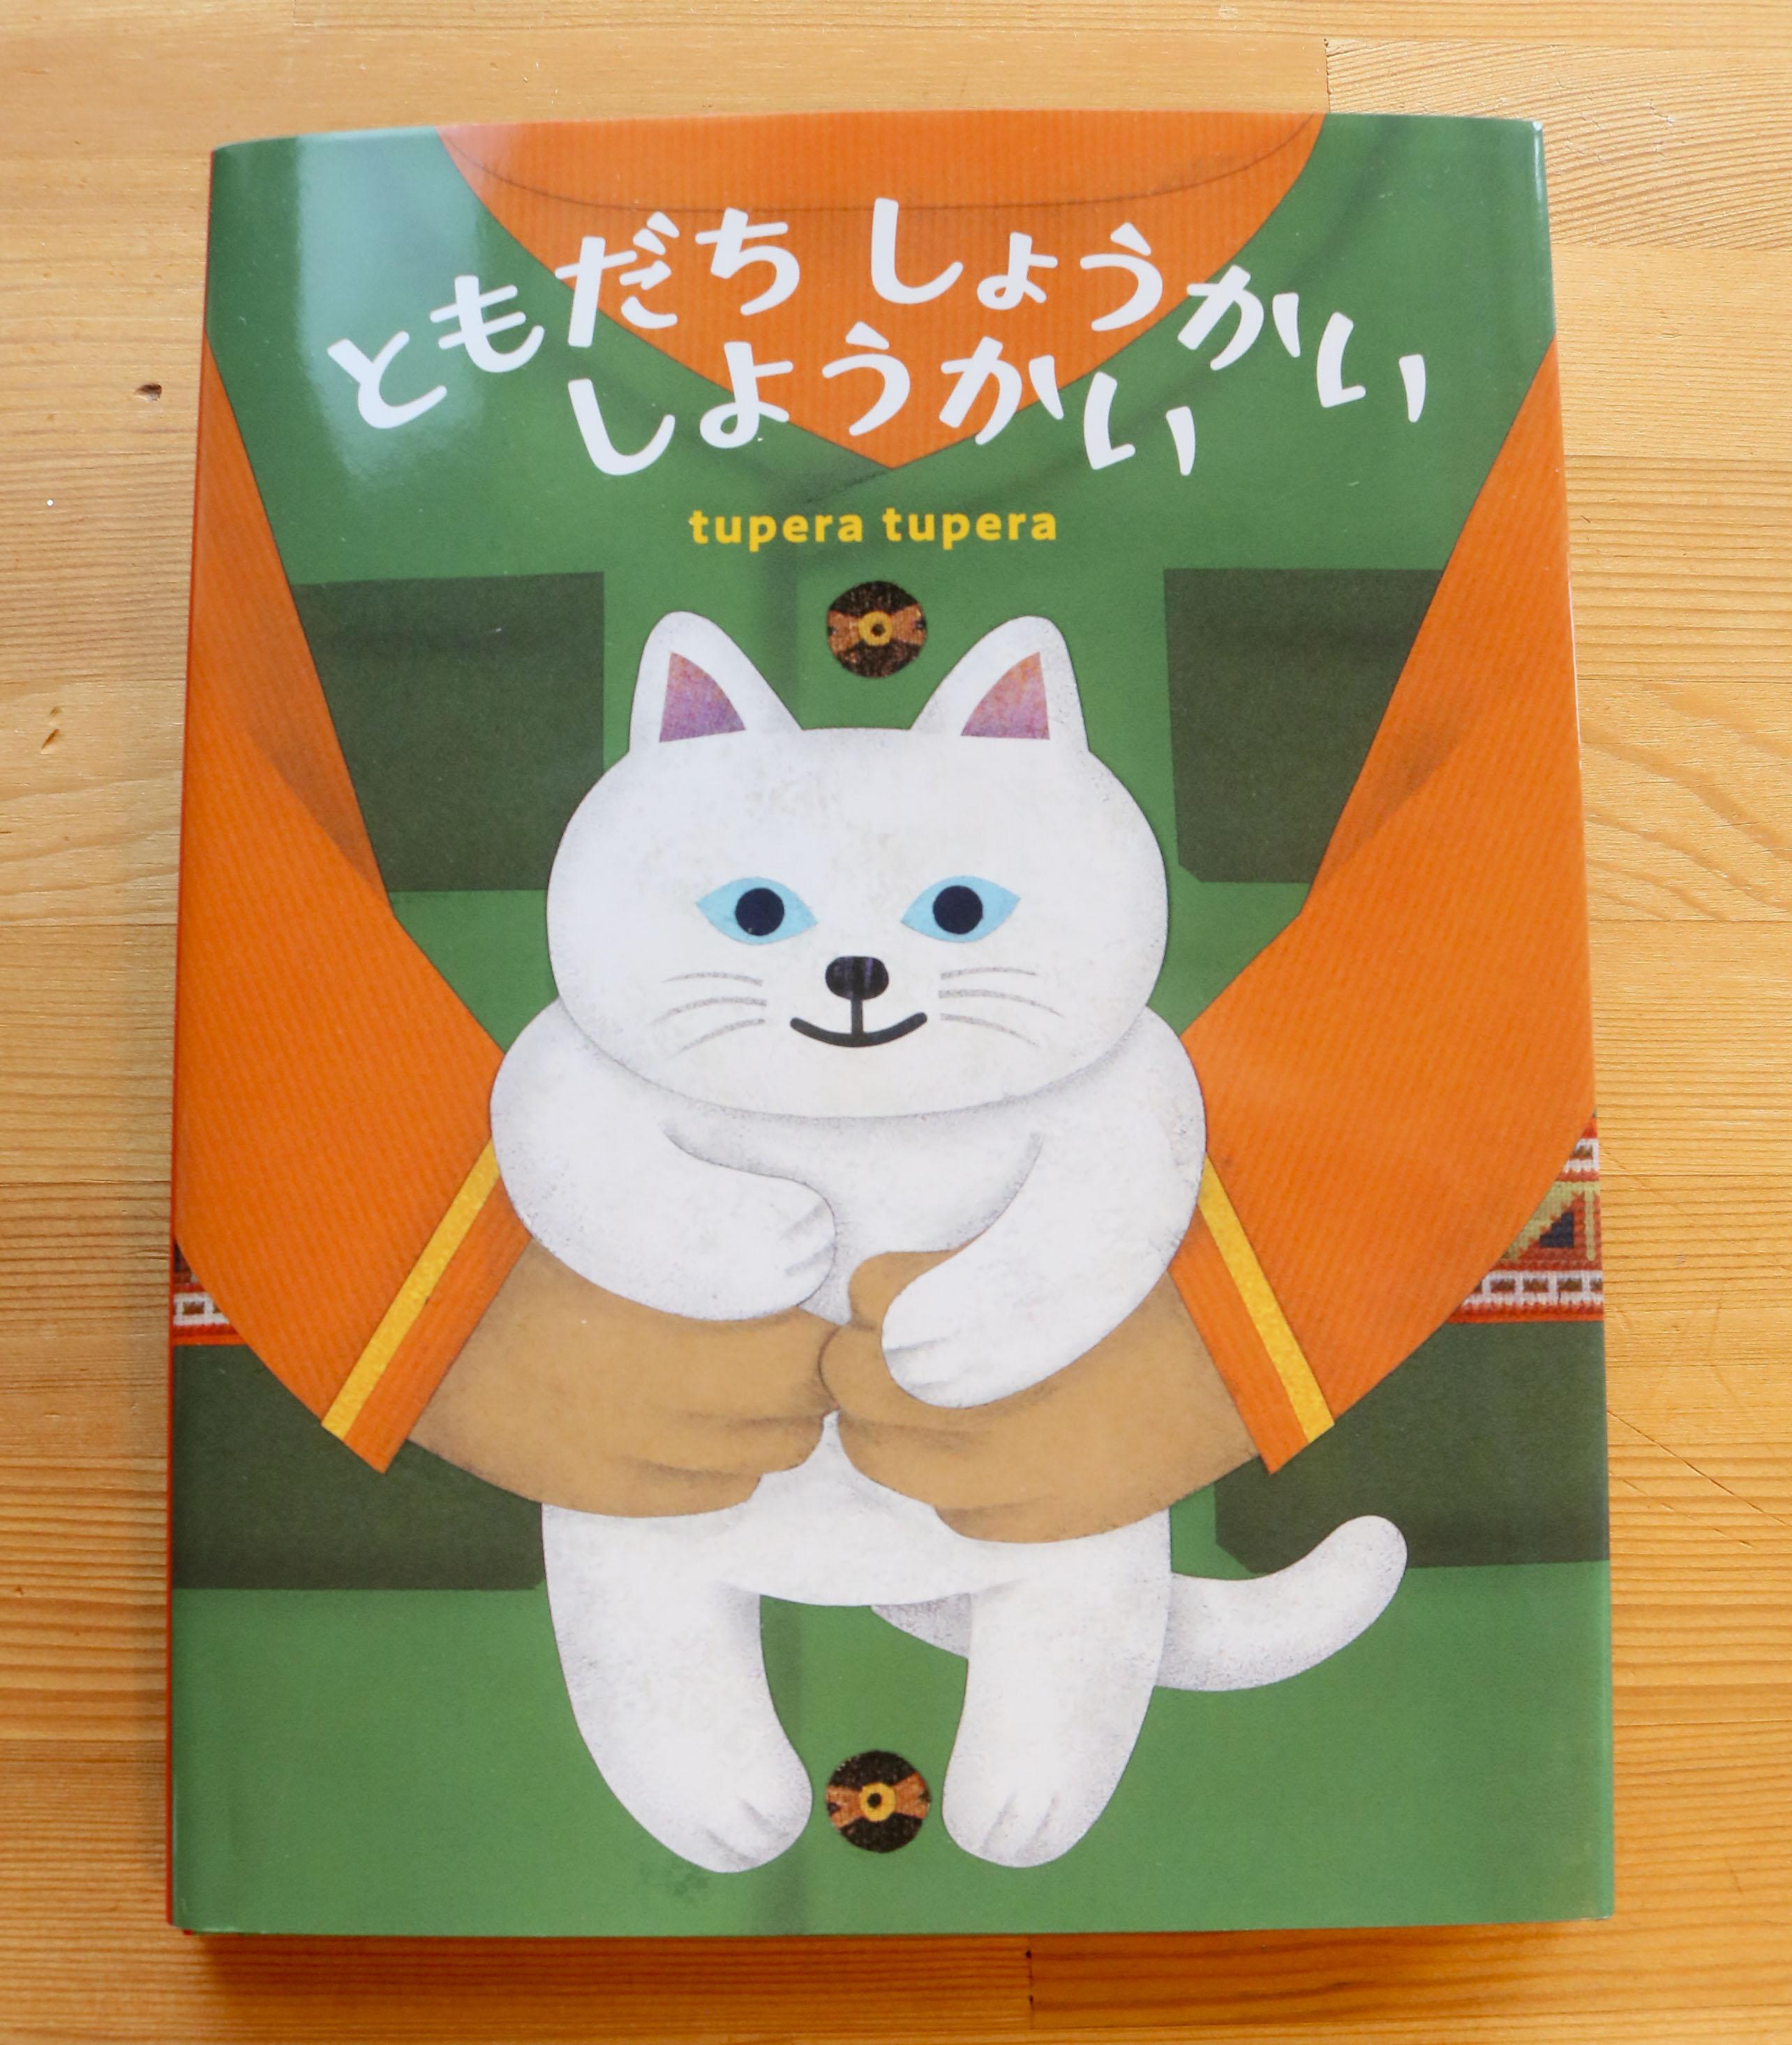 ともだちしょうかいしようかい 絵本 秋田 かぎしっぽ 猫絵本